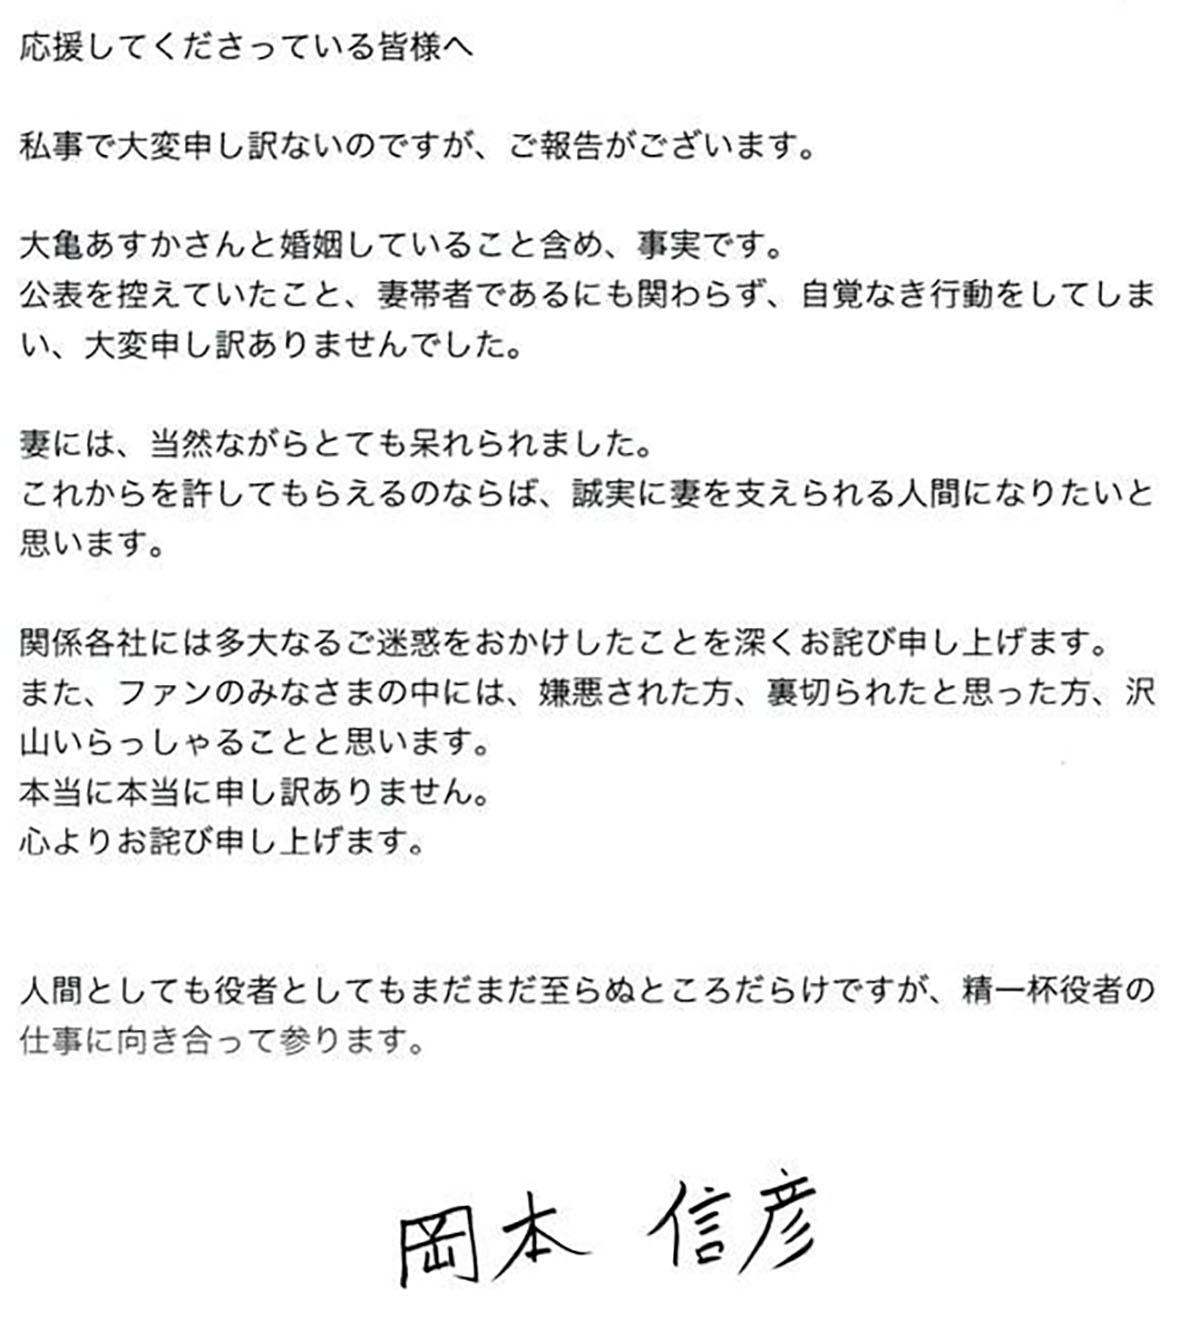 Okamoto Nobuhiko Statement